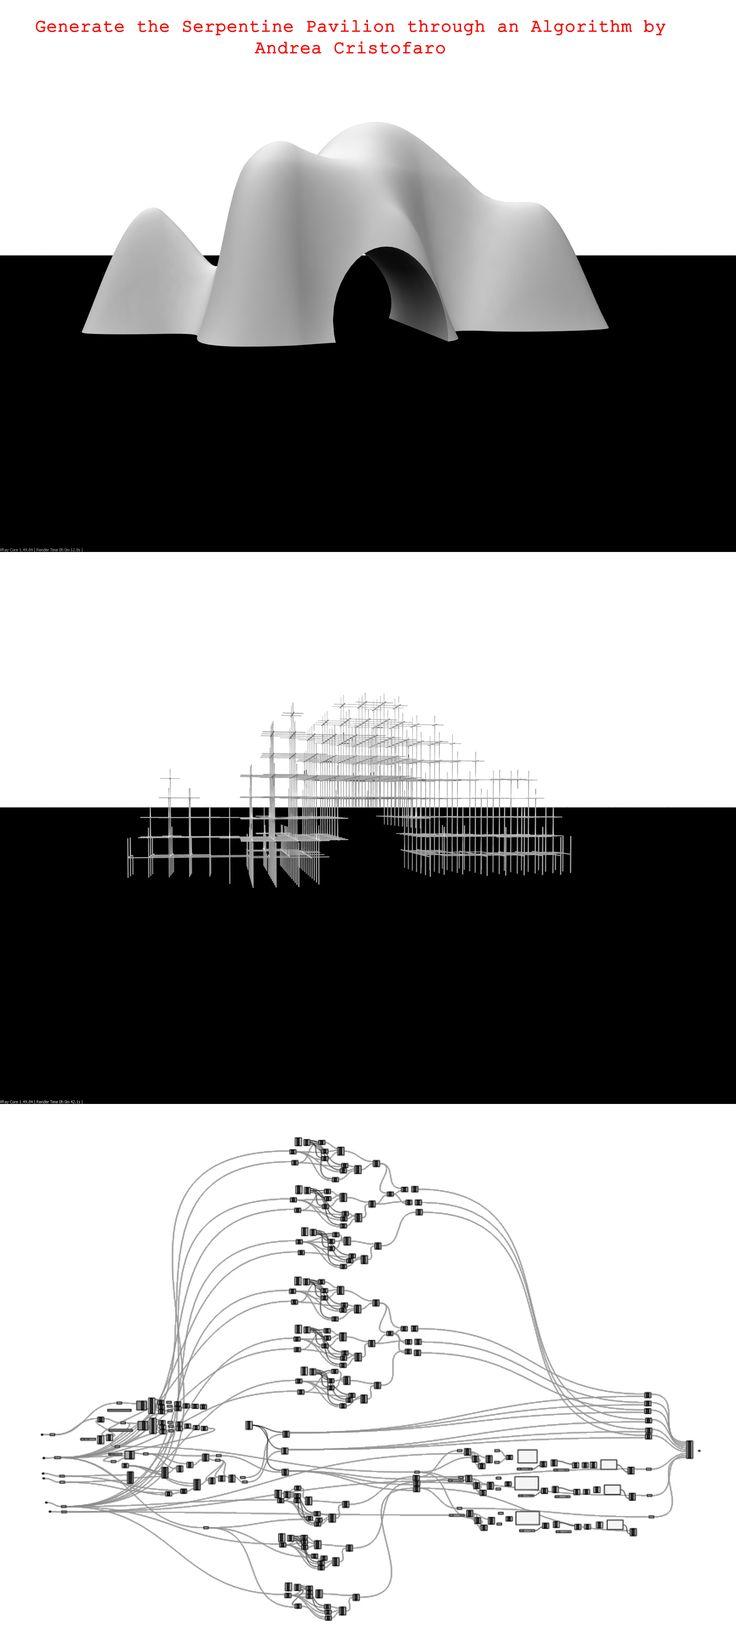 Generate the Serpentine Pavilion through an Algorithm by Andrea Cristofaro Grasshopper + Rhino